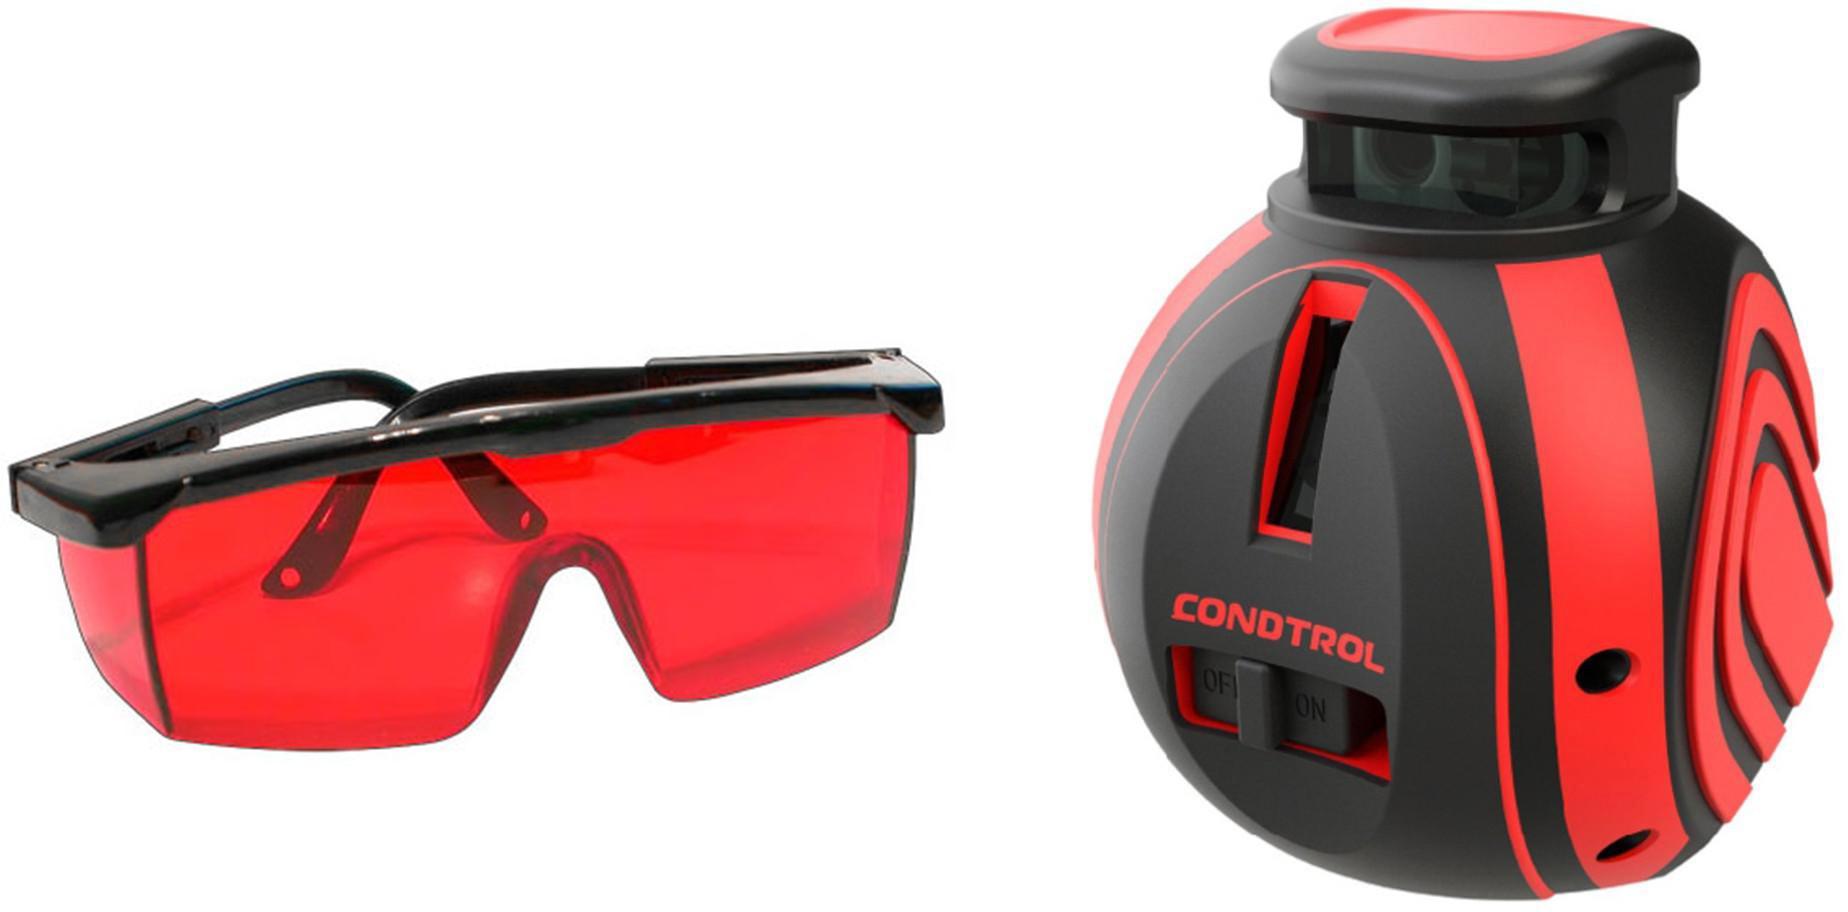 Набор Condtrol Уровень unix360 +Очки для работы с лазерными приборами уровень condtrol unix360 green pro